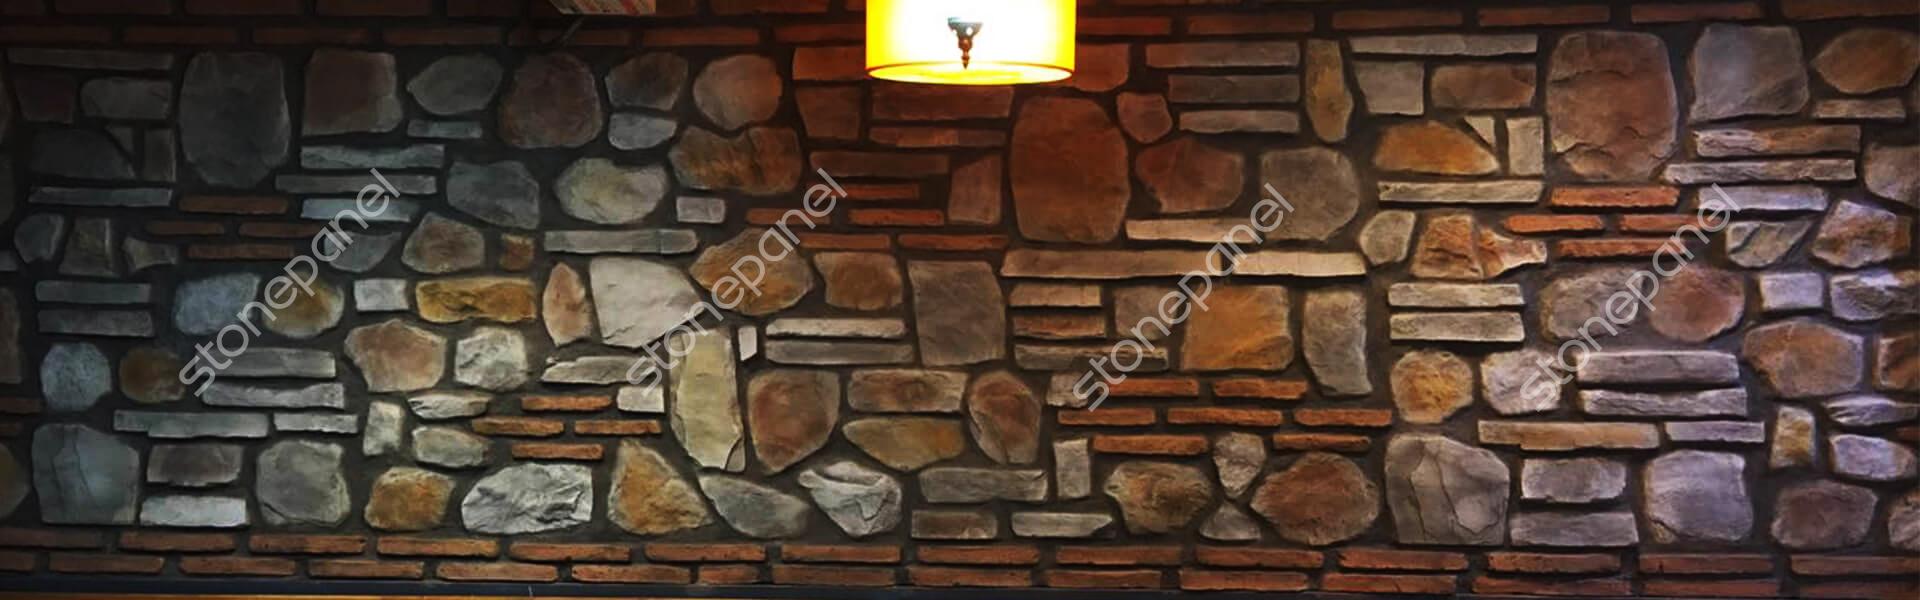 pedras-tas-duvar-panel-uygulamasi-2